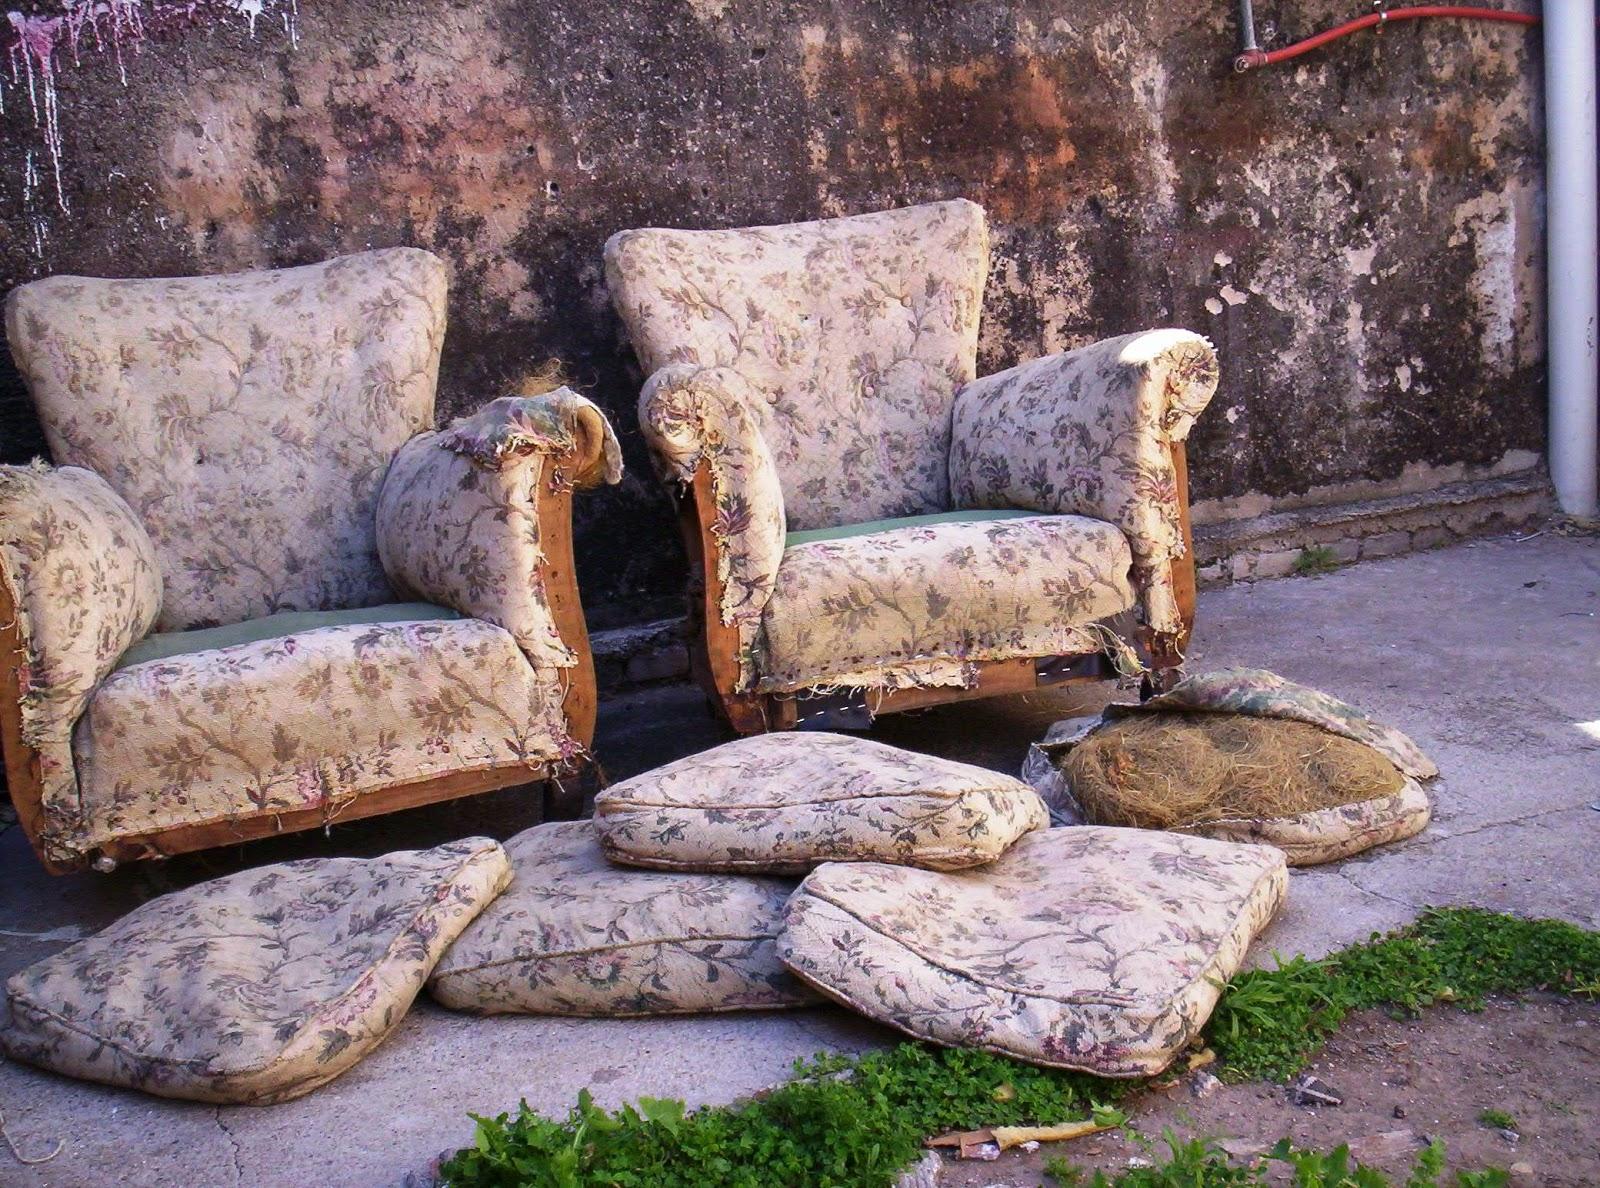 Reciclado de sillas y sillones juego de living reciclado for Reciclado de sillones